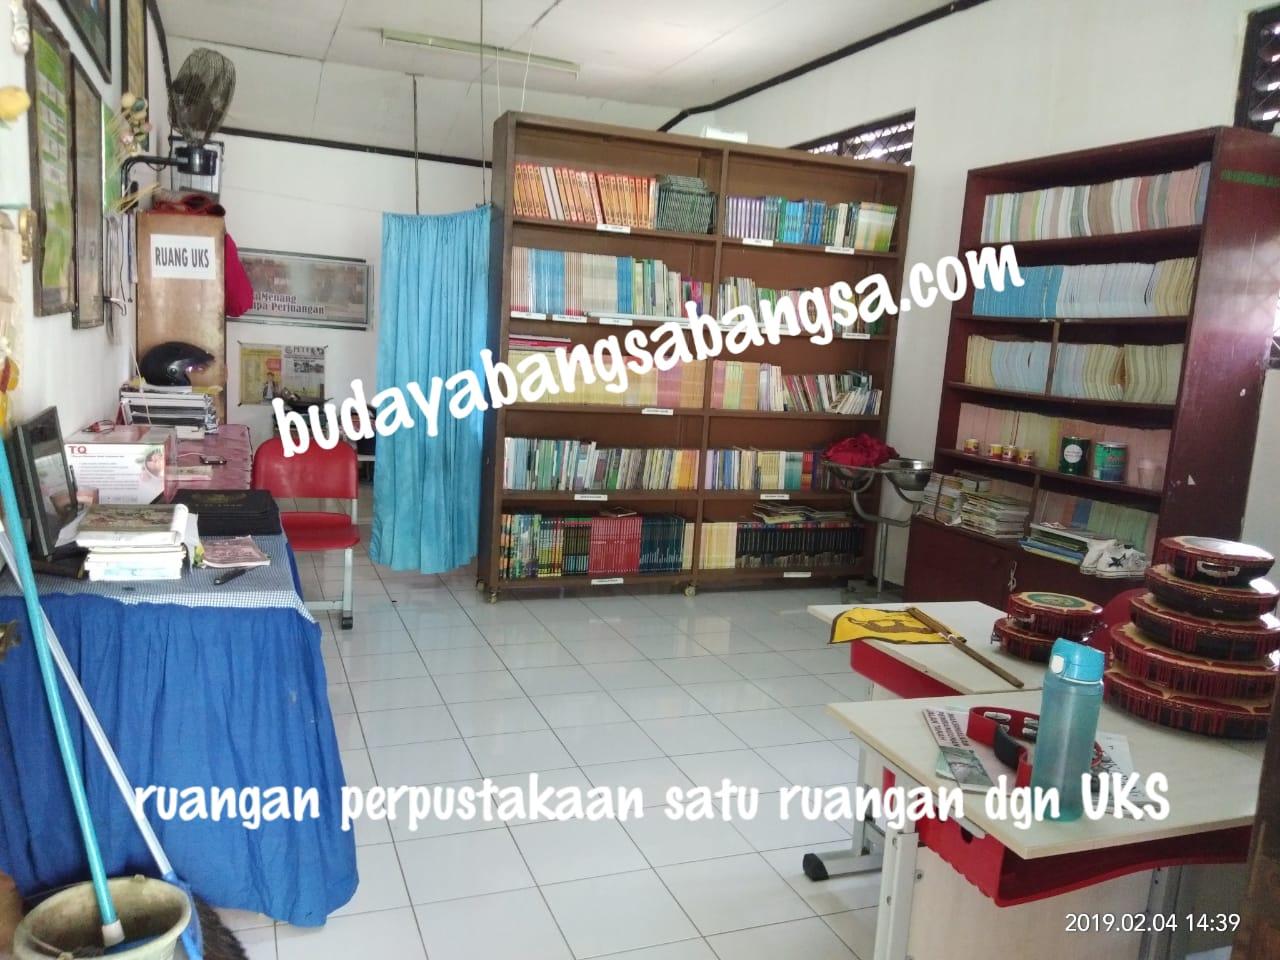 Sarana baca, Perpustakaan untuk menunjang prestasi Siswa - siswi nya